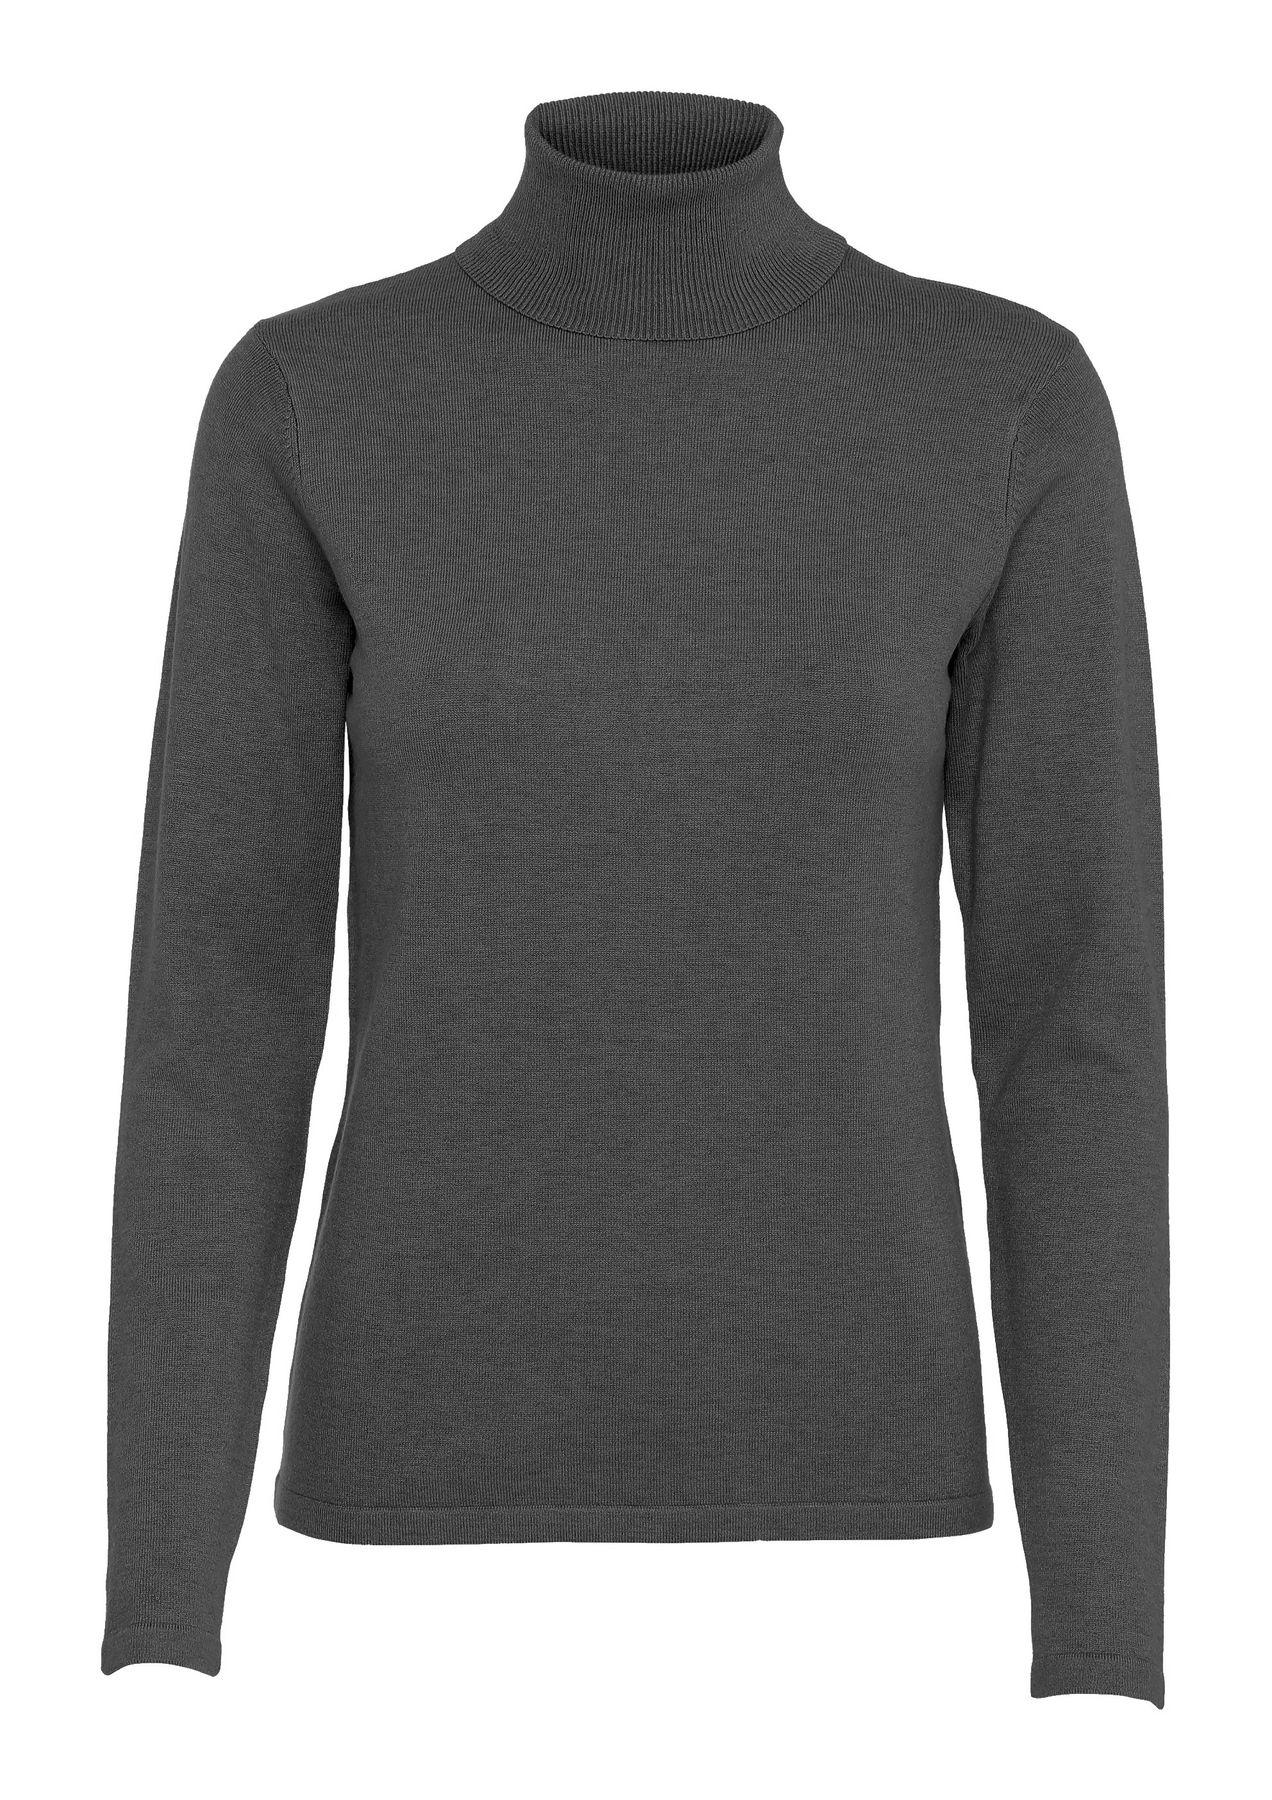 Soyaconcept - Damen Rollkragen Pullover in verschiedenen Farben, SC-Dollie 581 (32578-30) – Bild 3